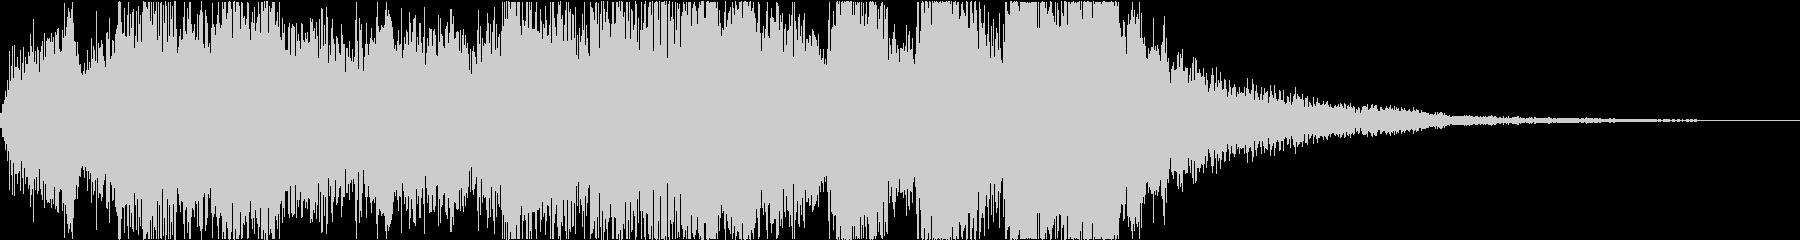 緊迫感のあるオーケストラファンファーレの未再生の波形